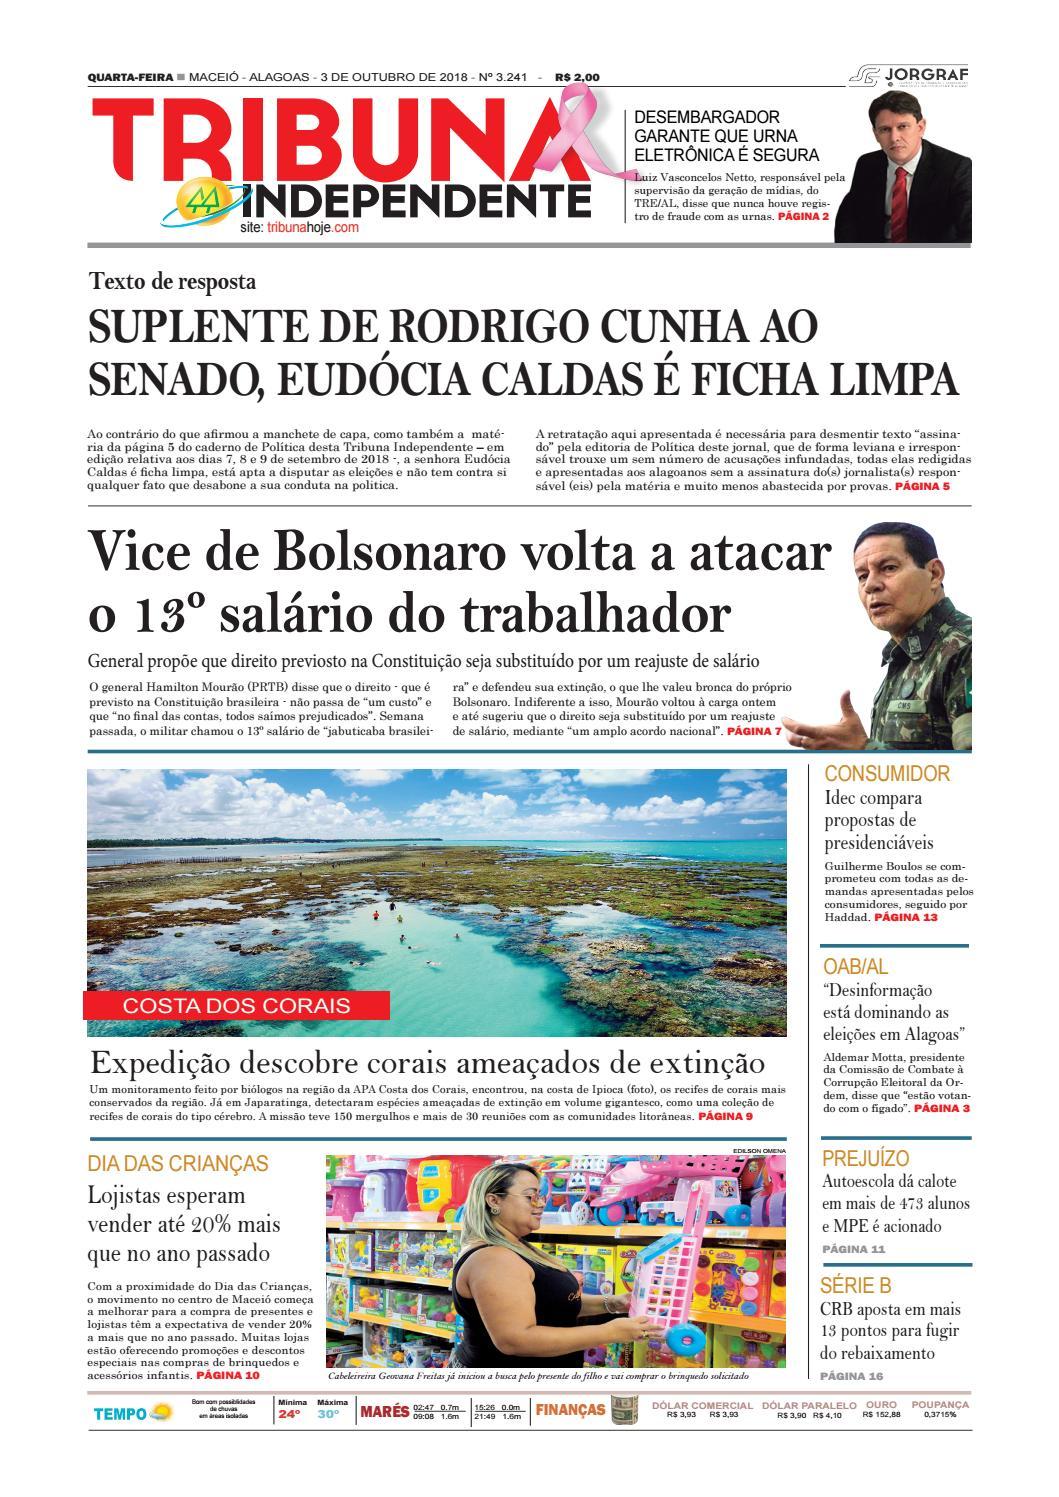 0453aebbe54cf Edição número 3241 - 3 de outubro de 2018 by Tribuna Hoje - issuu